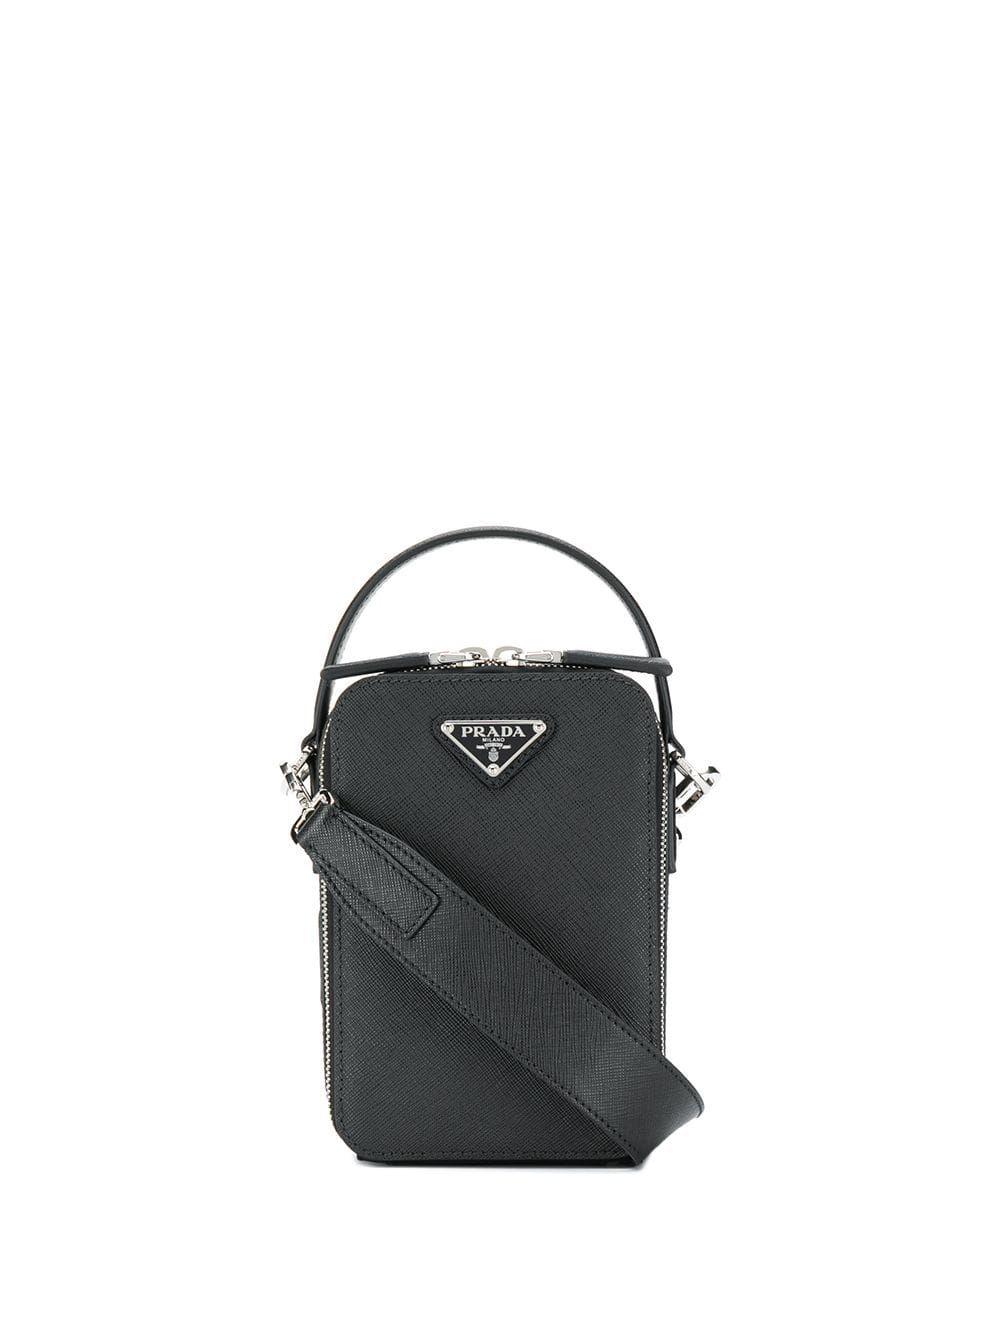 4351b46b580098 PRADA PRADA LOGO PLAQUE CROSSBODY BAG - SCHWARZ. #prada #bags #shoulder  bags #hand bags #leather #crossbody